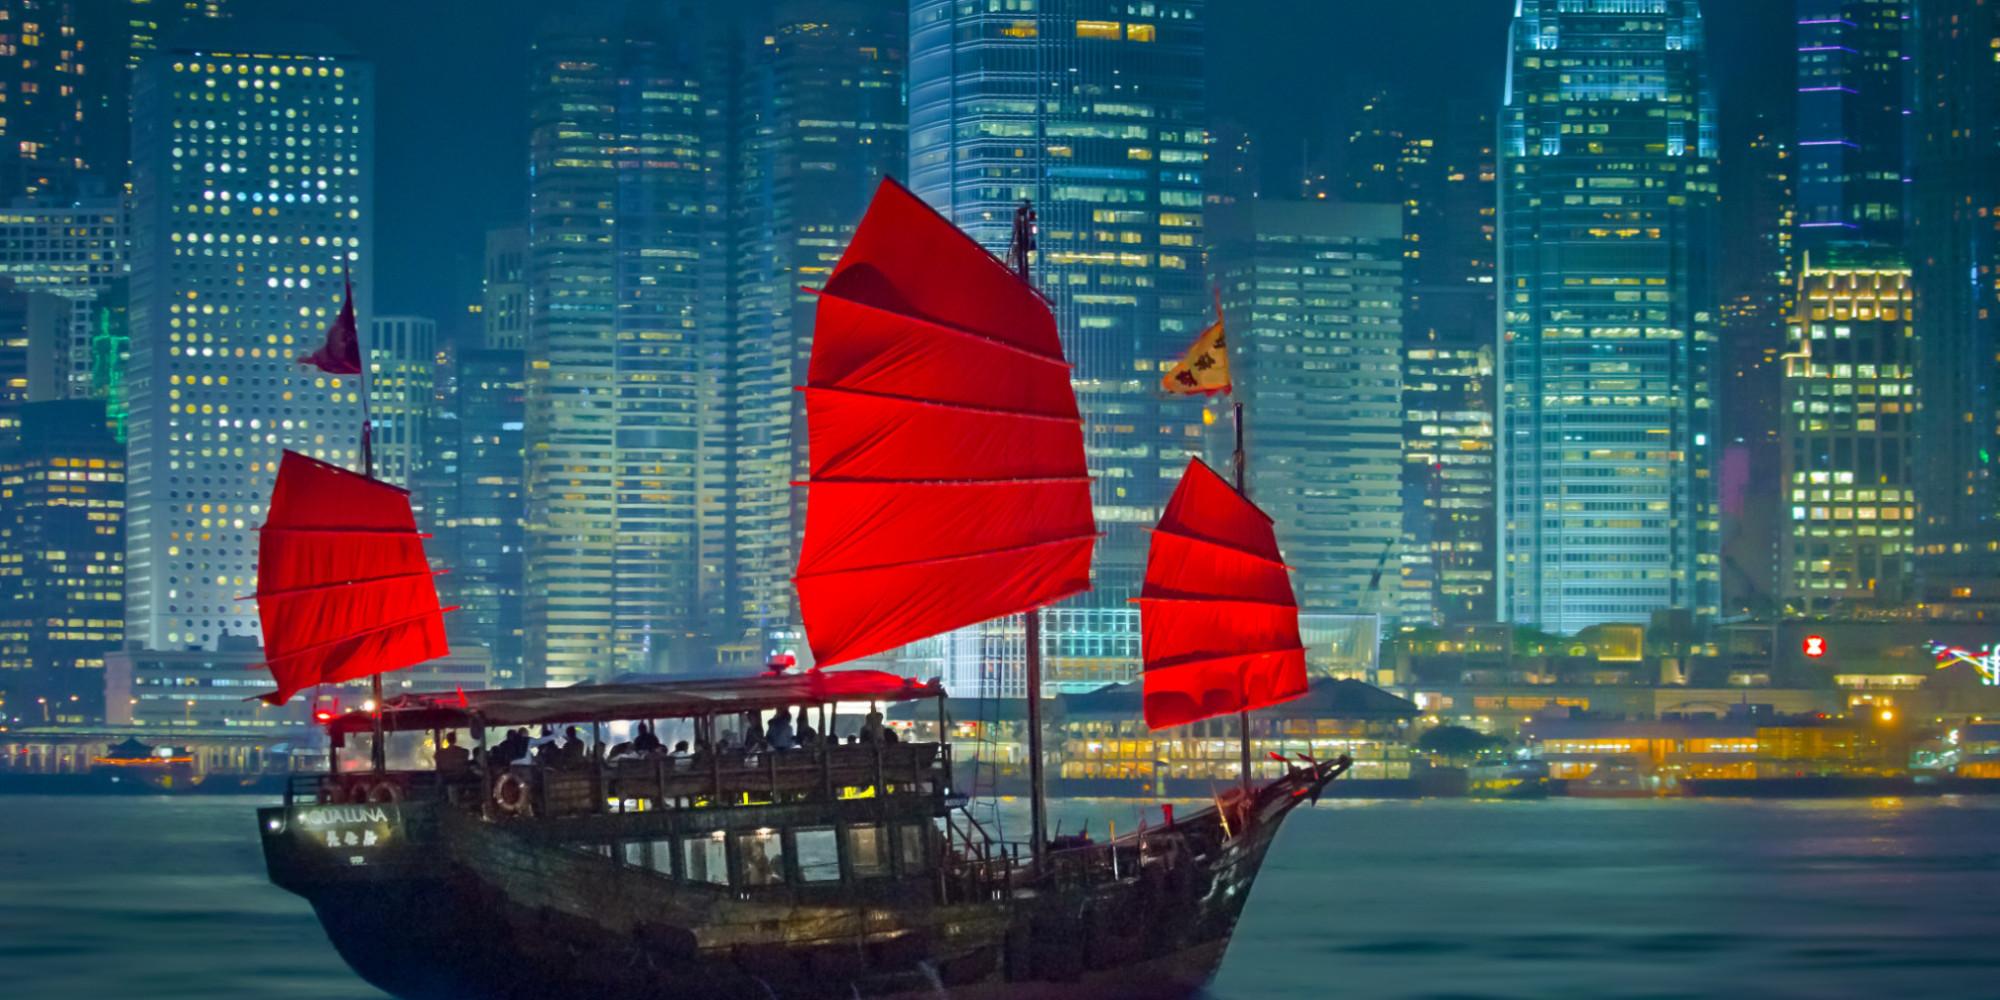 Hong Kong boat (Internet photo)